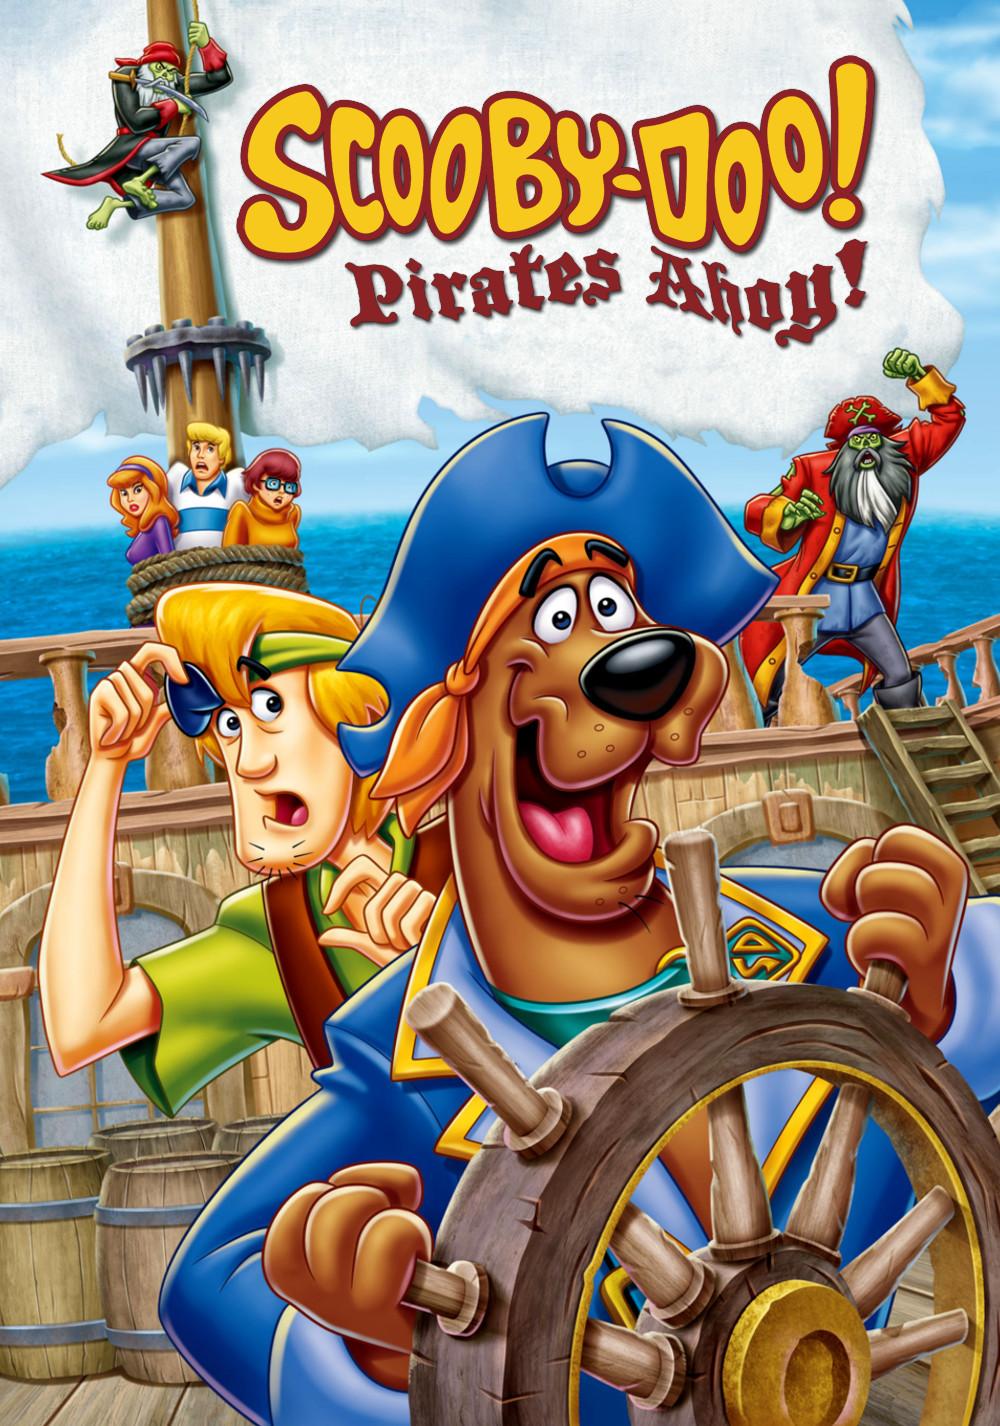 Pirate bay whorelore sex picture